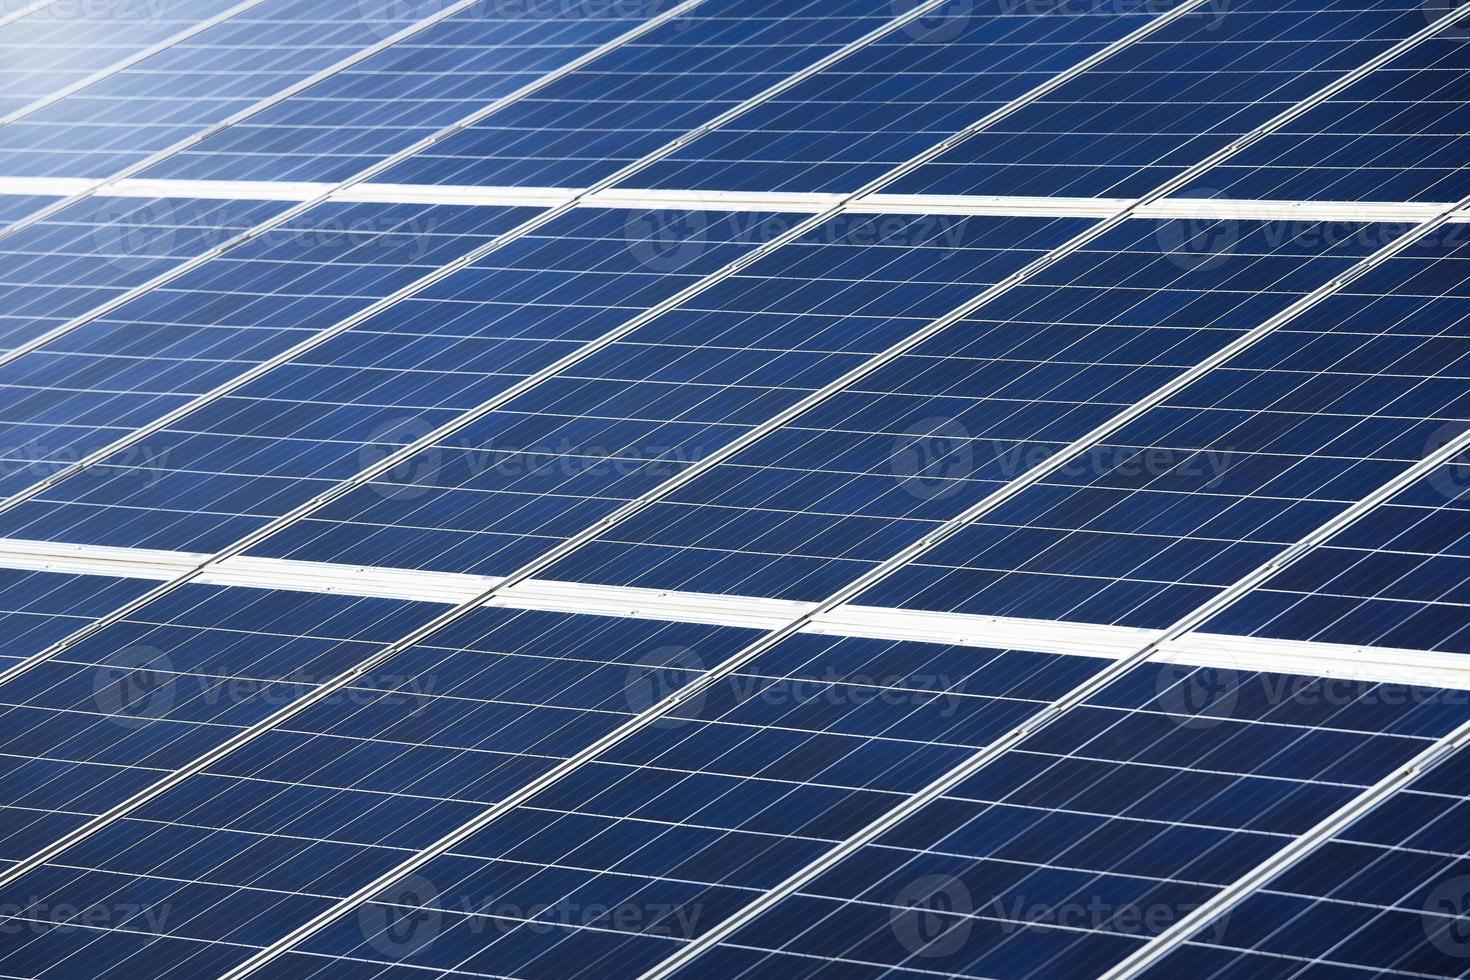 Photovoltaik-Modul zur Stromerzeugung Textur oder Muster foto